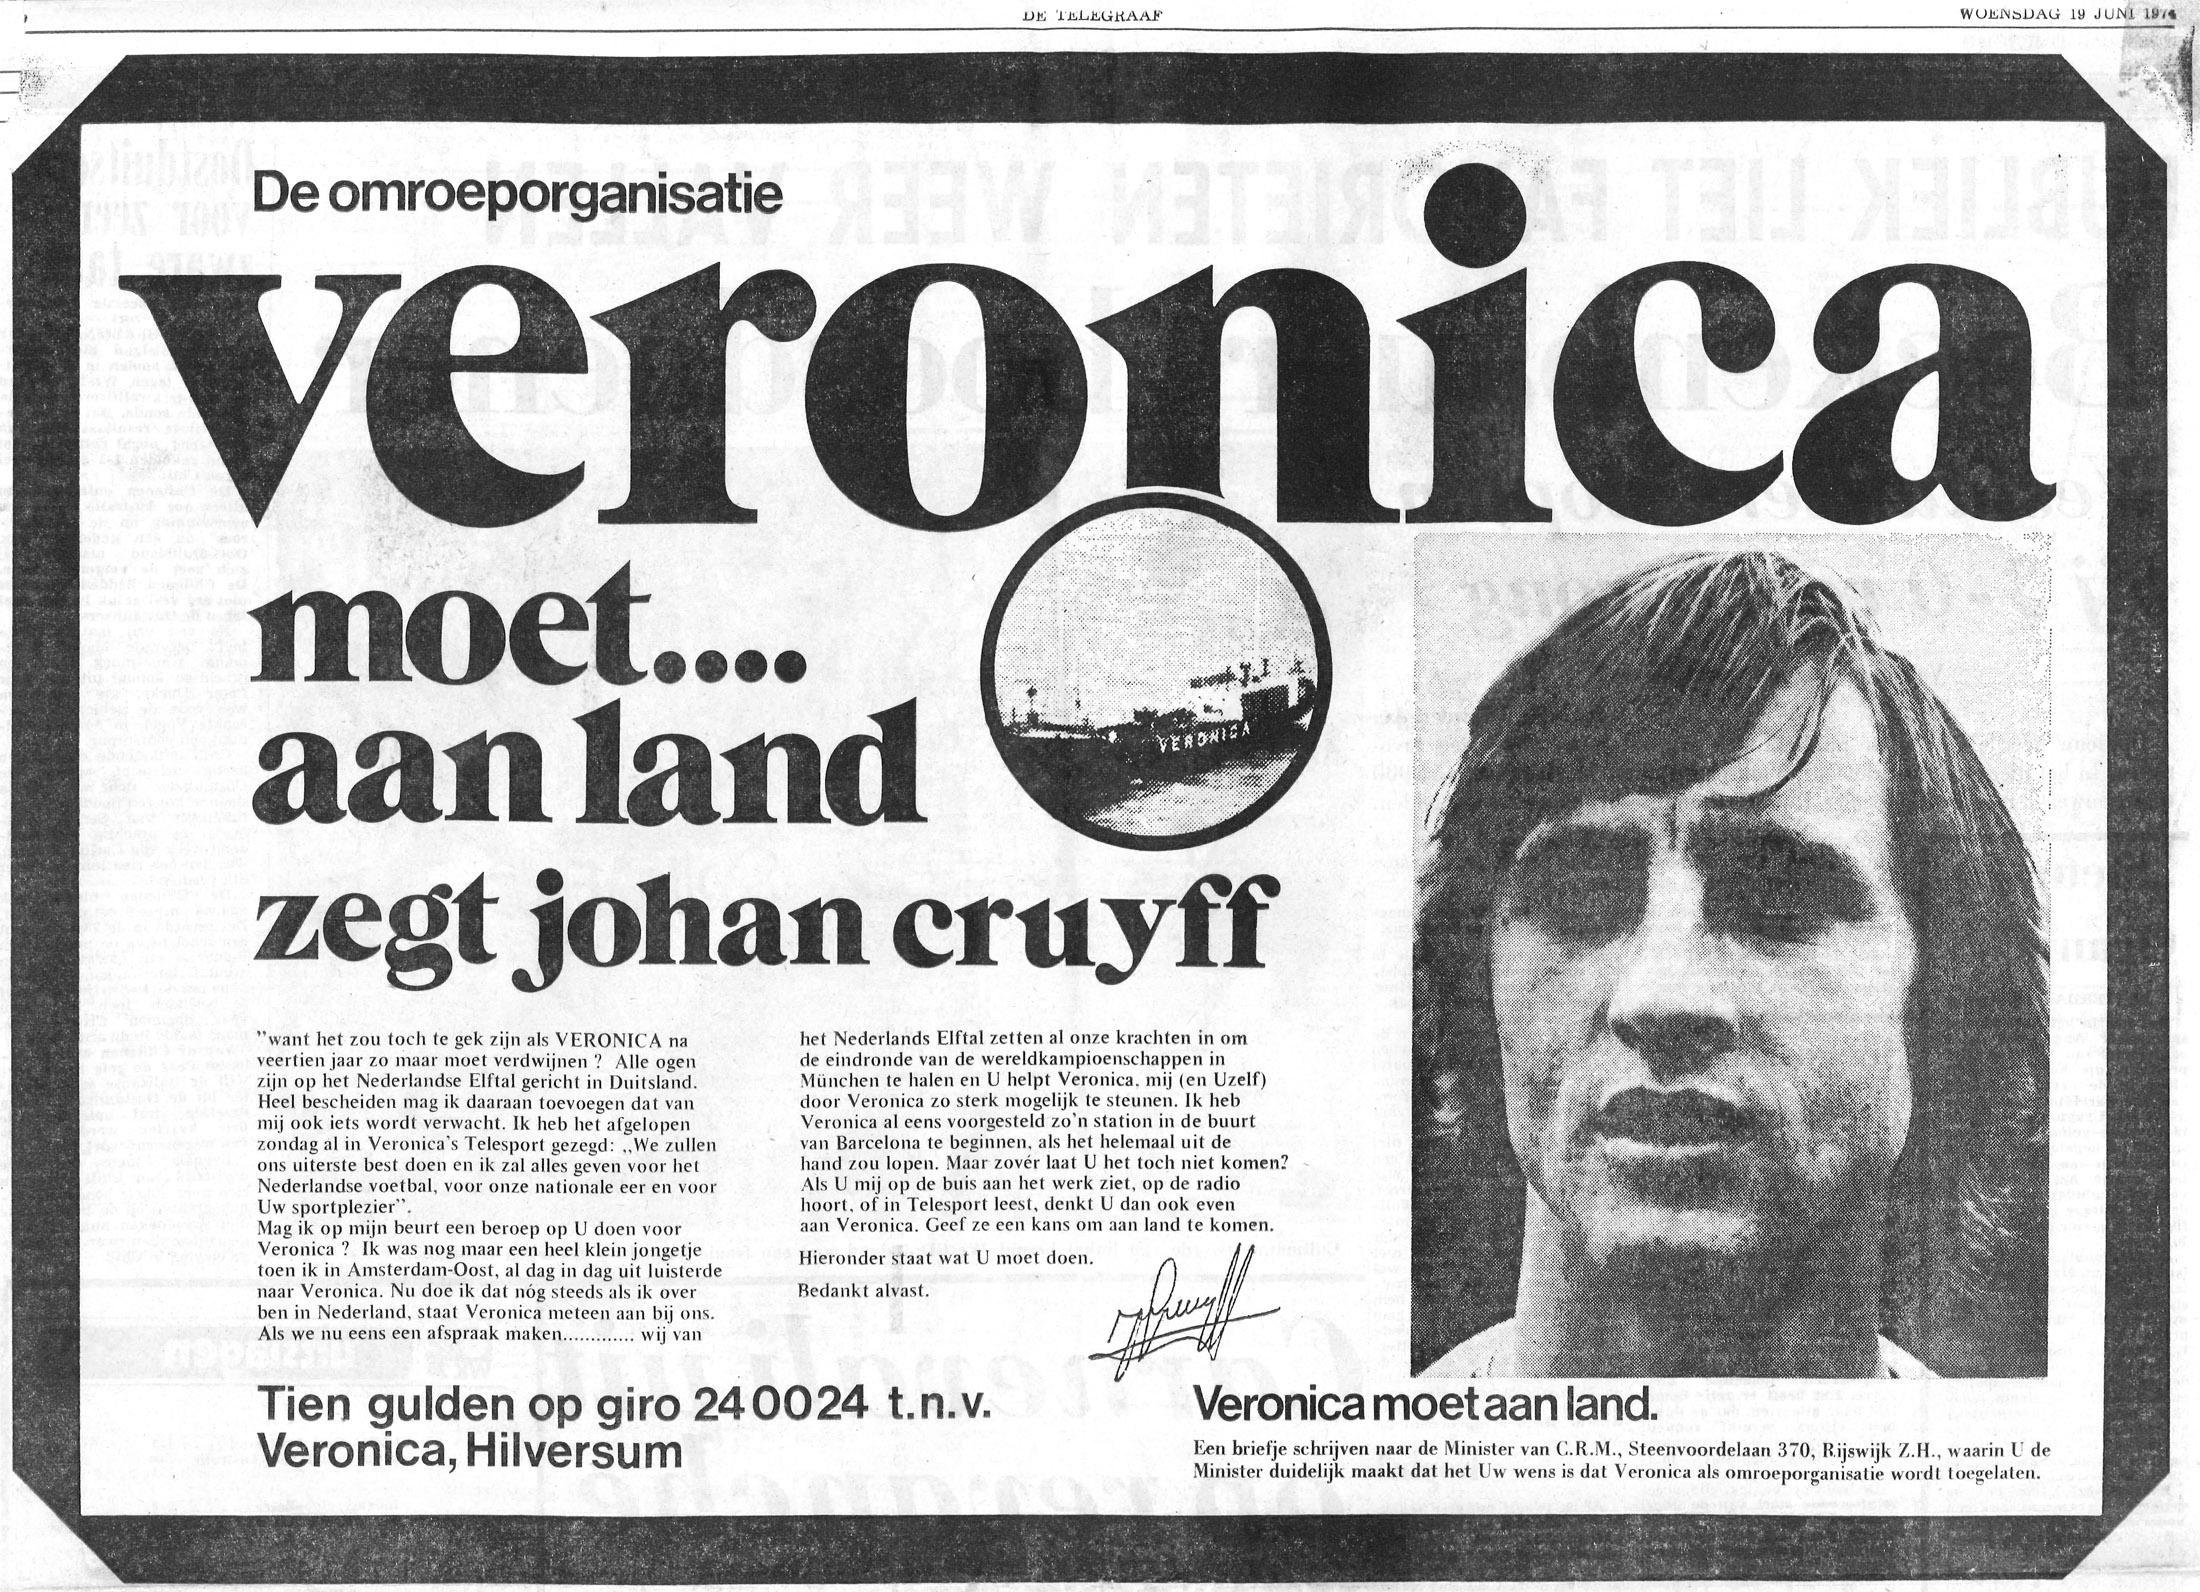 19740619_telegraaf_veronica_moet_aan_land_J_Cruyff.jpg